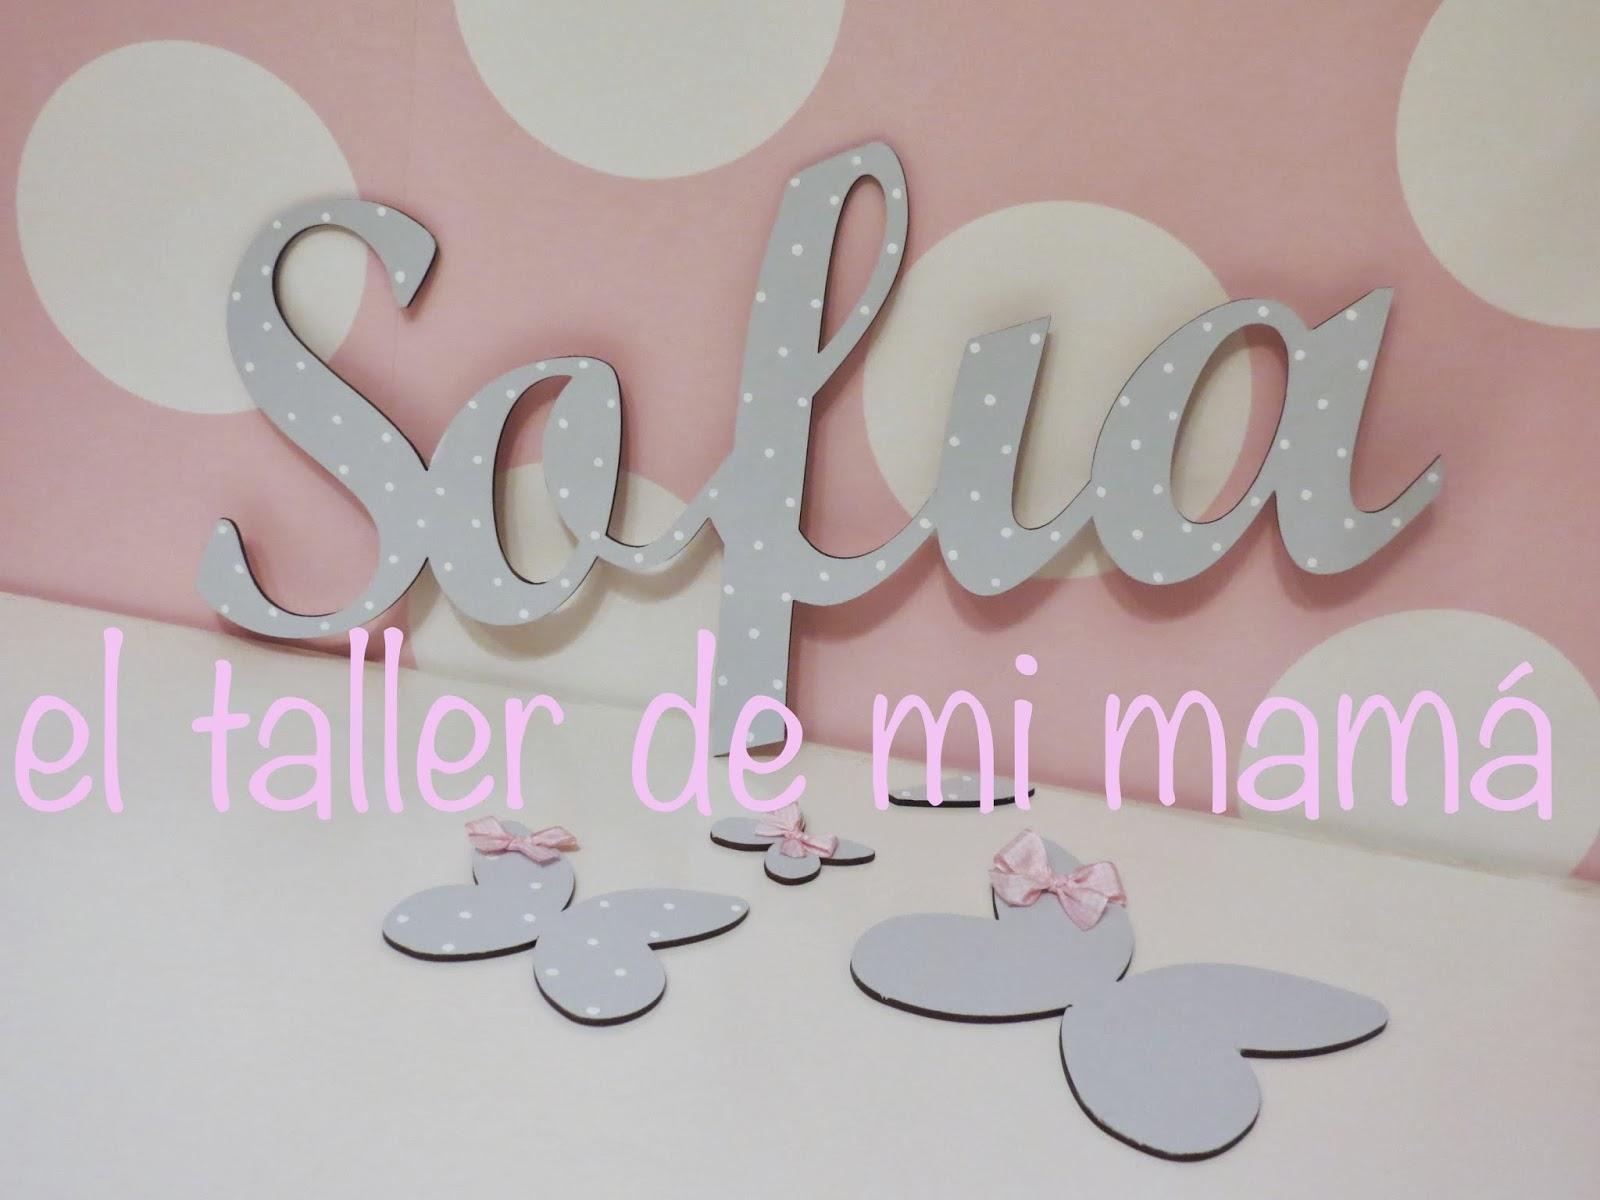 Nombre en madera el taller de mi mam ropa decoraci n - Letras para decorar habitacion infantil ...